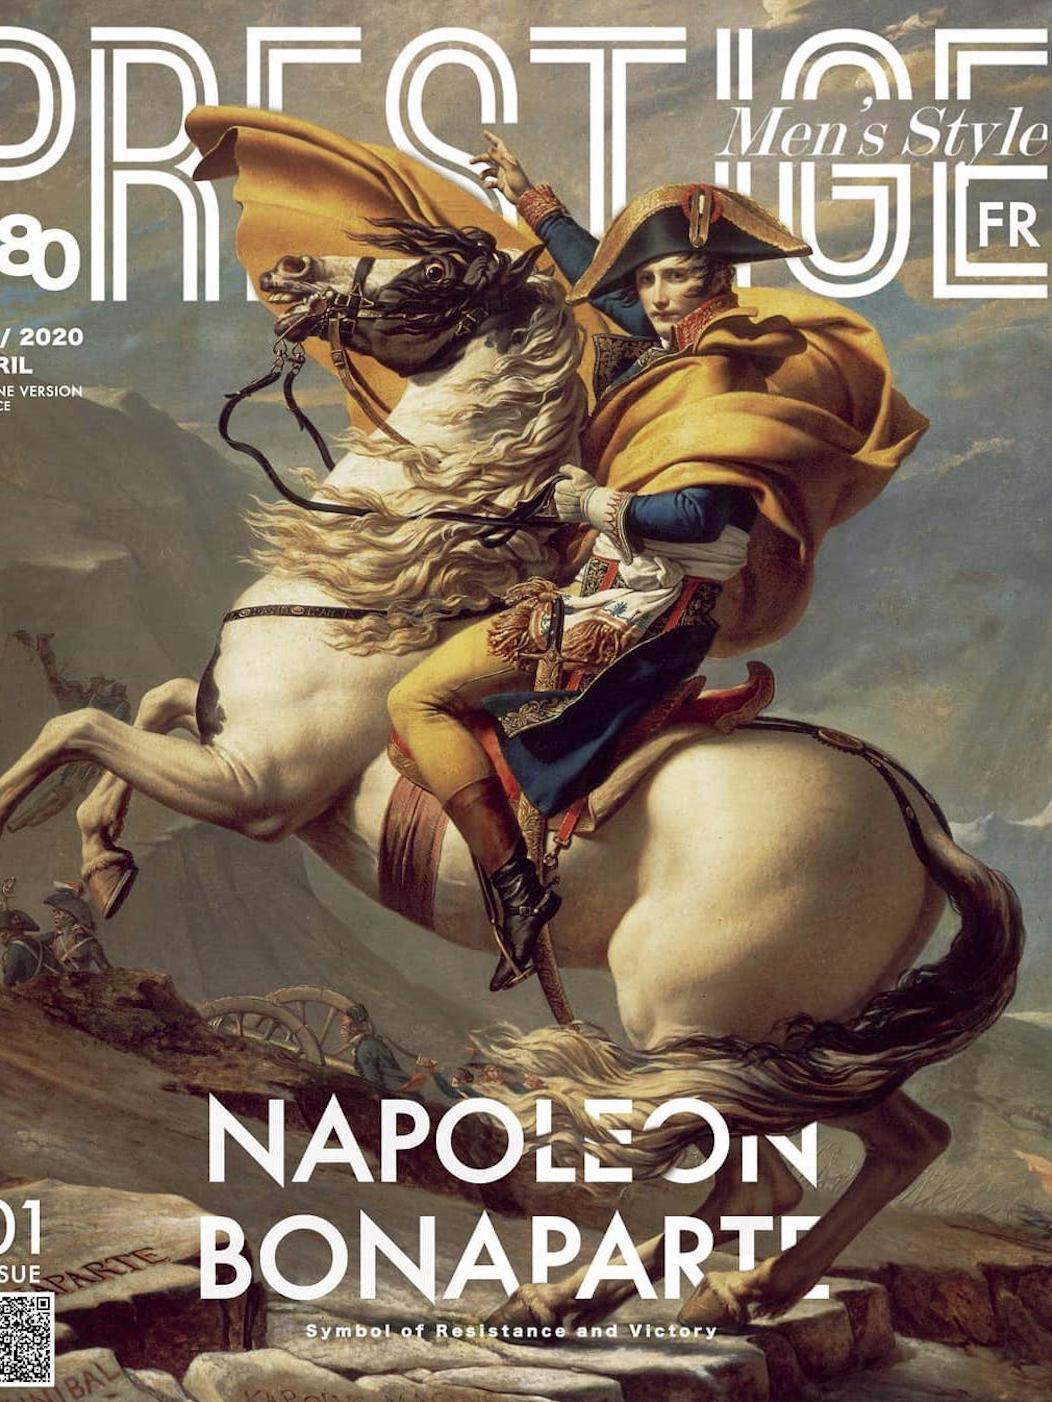 全球最具创意的抗疫海报和杂志封面 | 一张好的海报,胜过千言万语